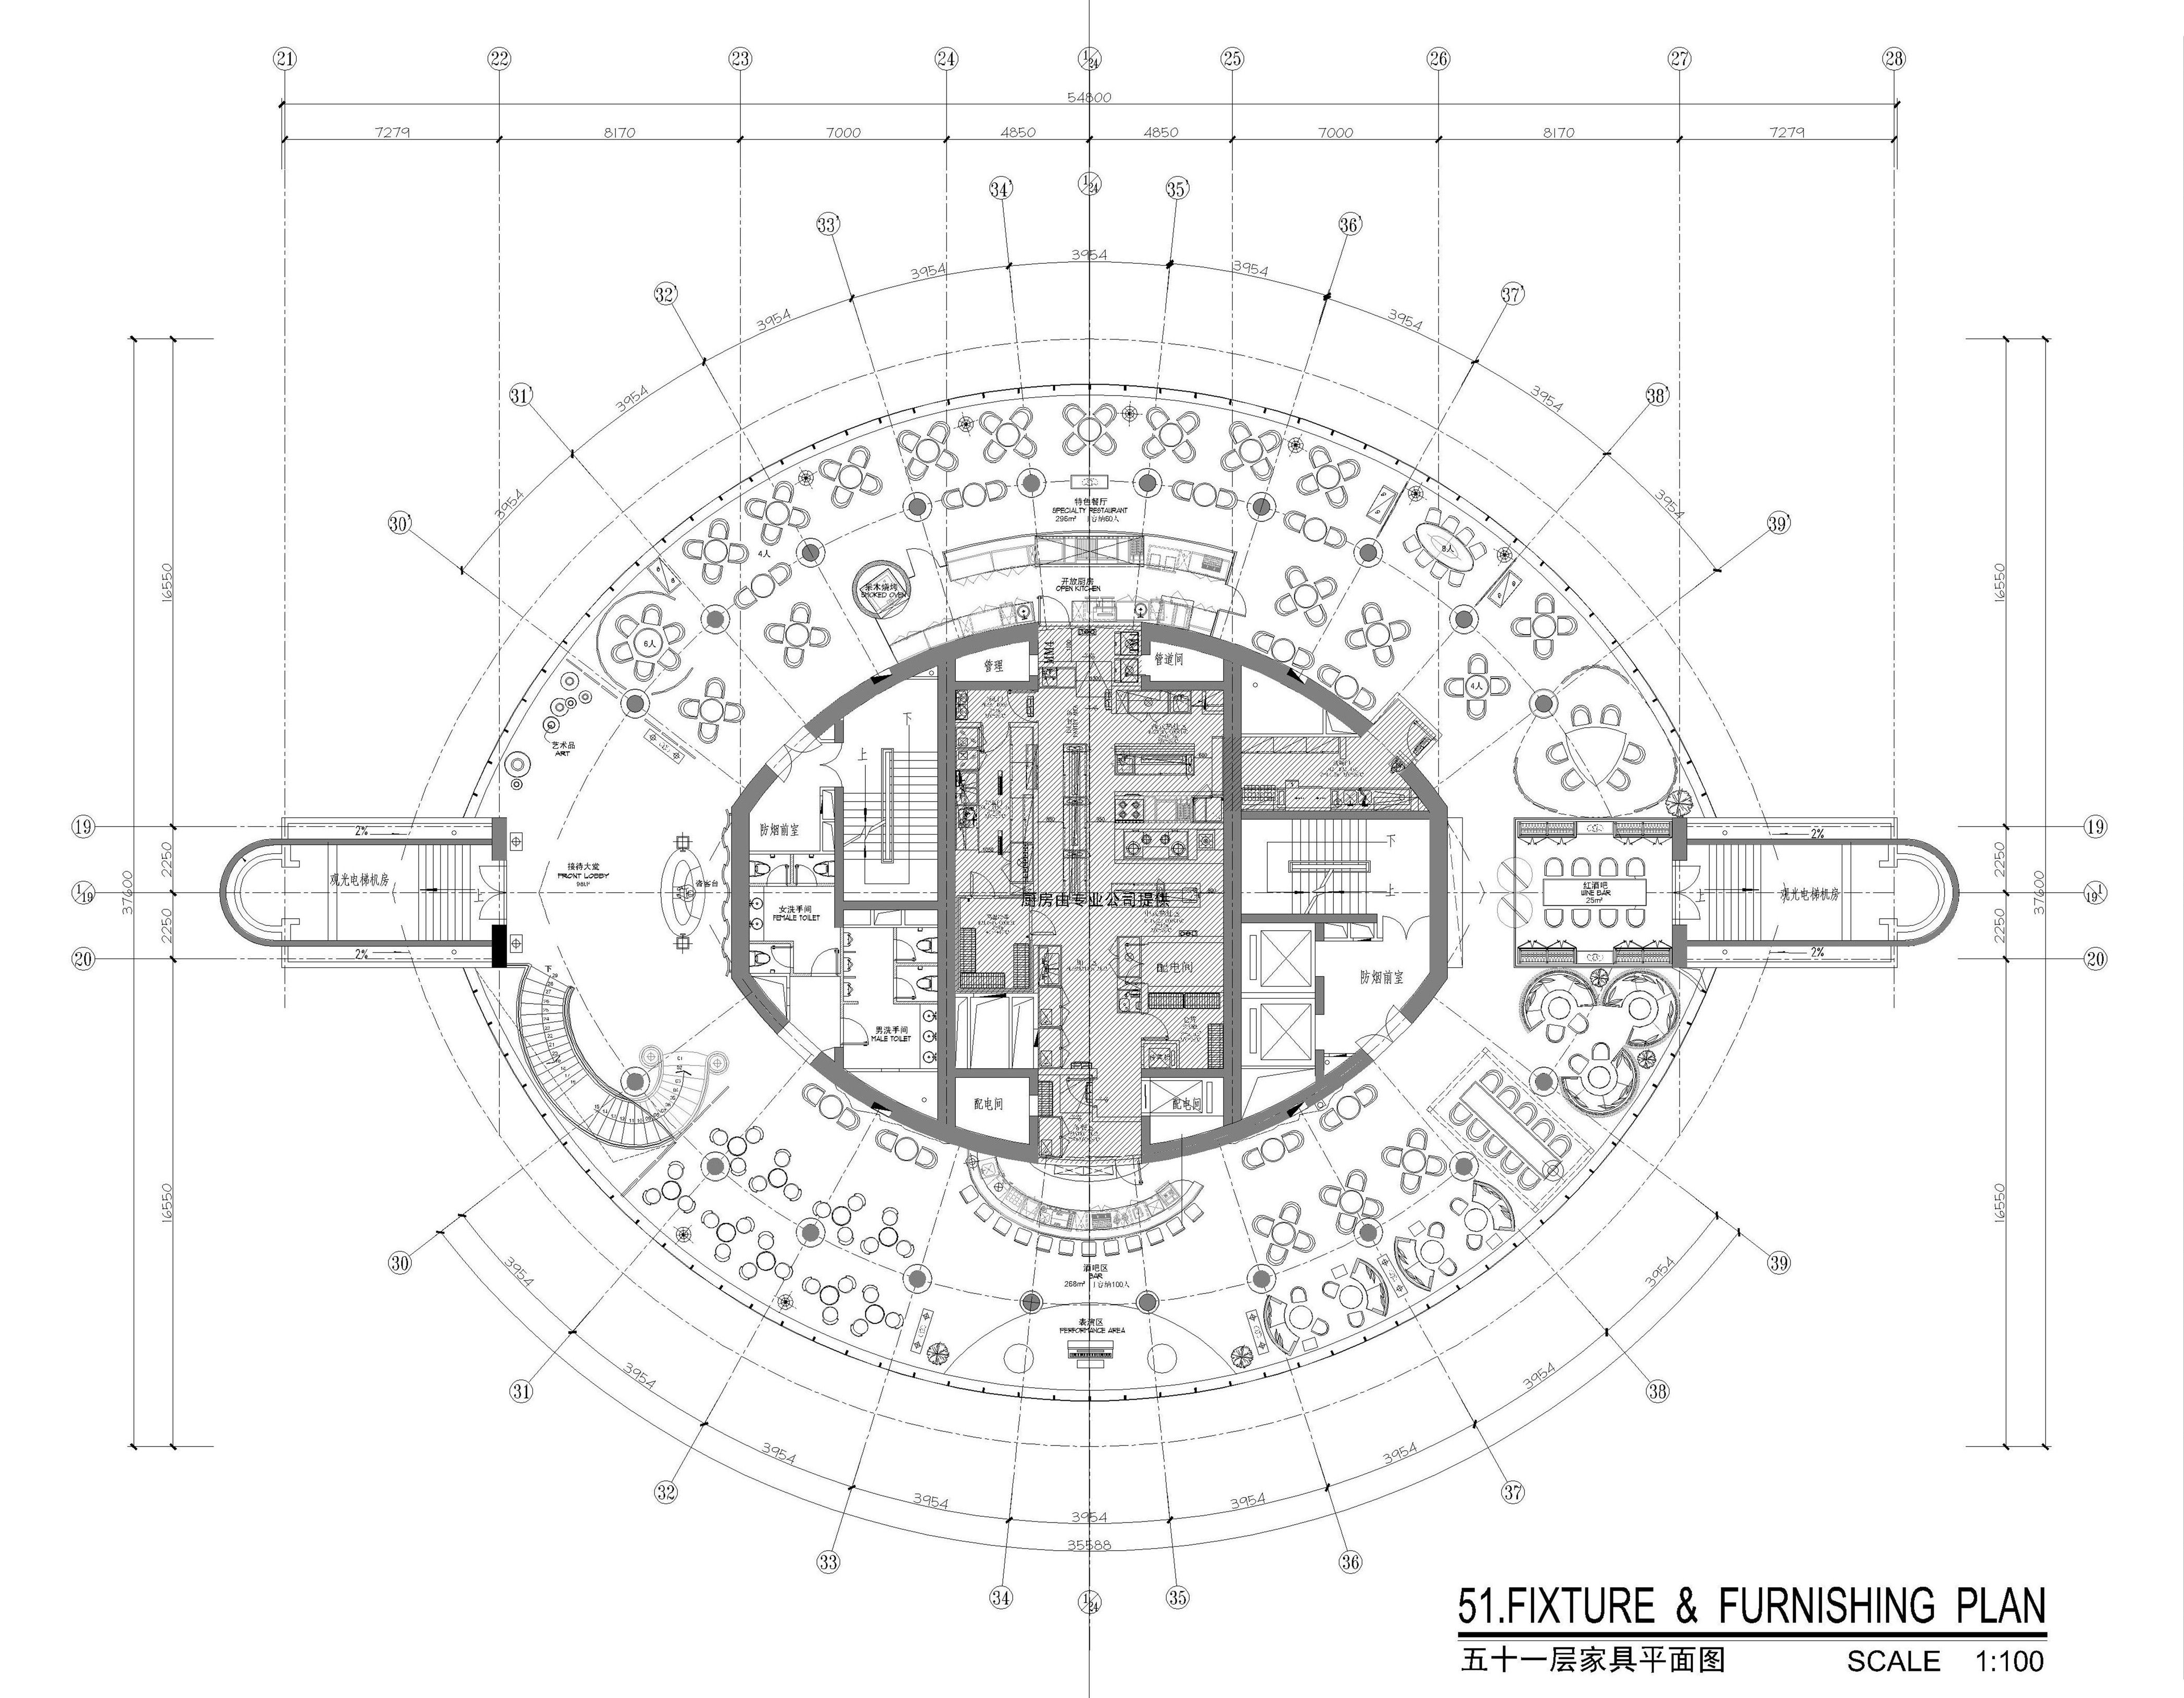 中华室内设计网 作品中心 公共空间 会所设计 > 陈伟文作品  西安,古